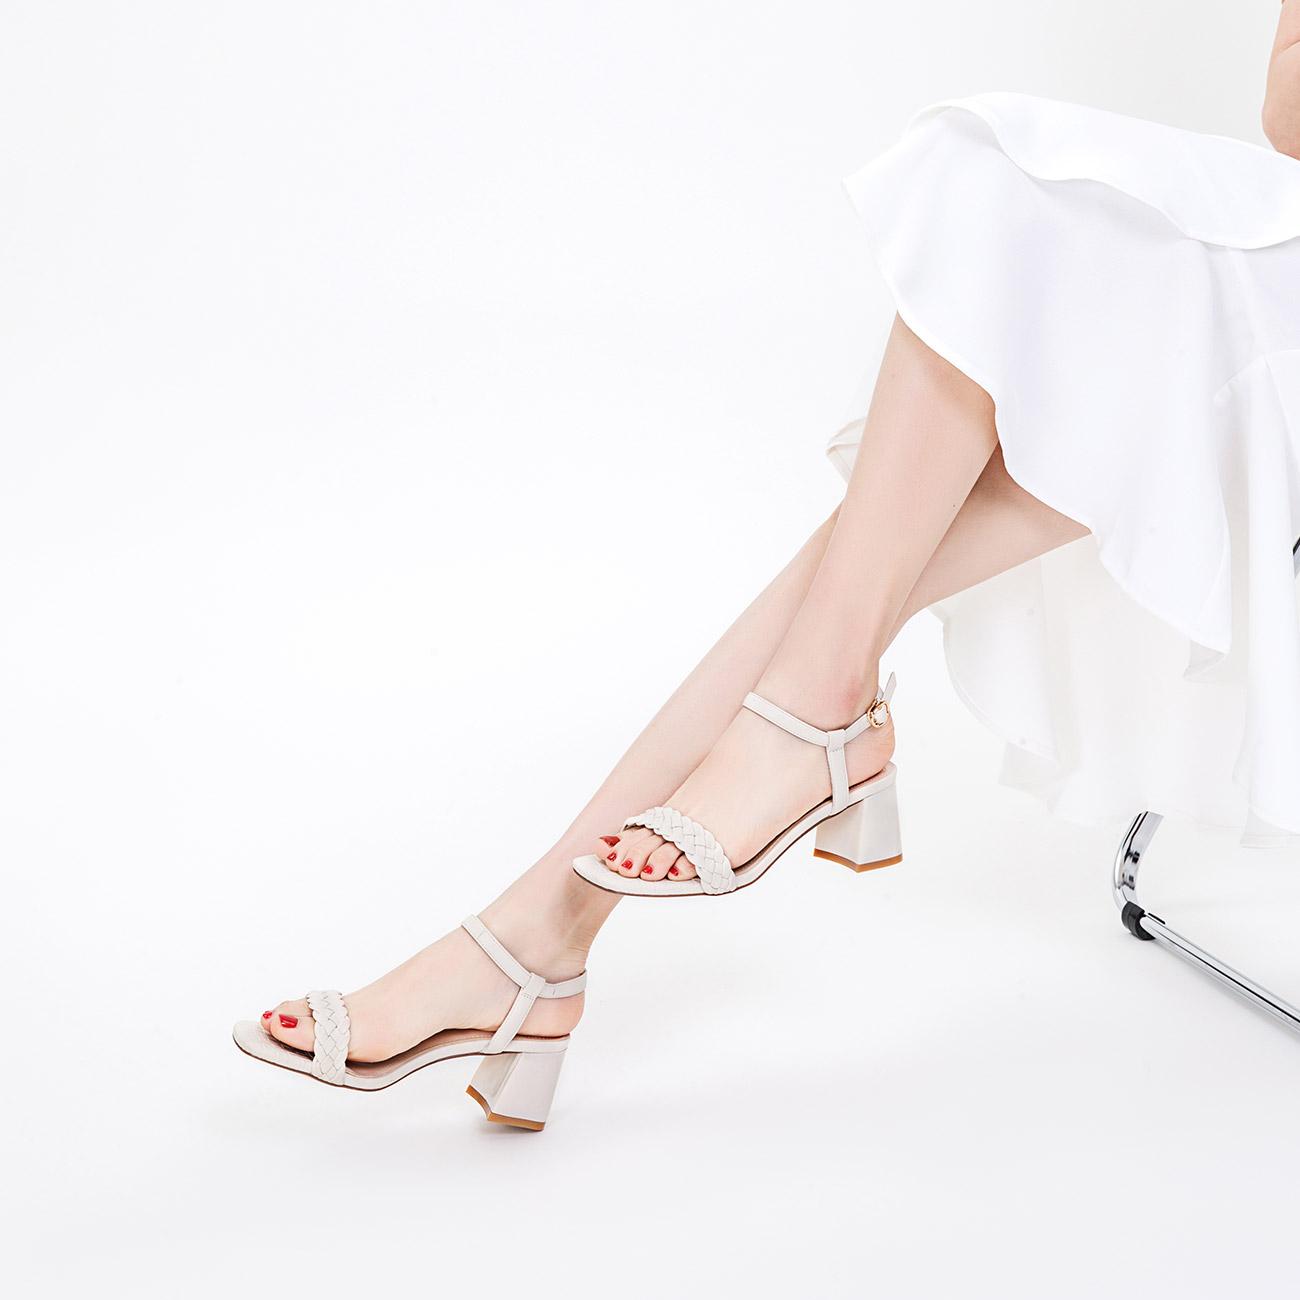 奥康女鞋 夏季气质时尚编织粗跟一字扣带仙女风高跟鞋女鞋